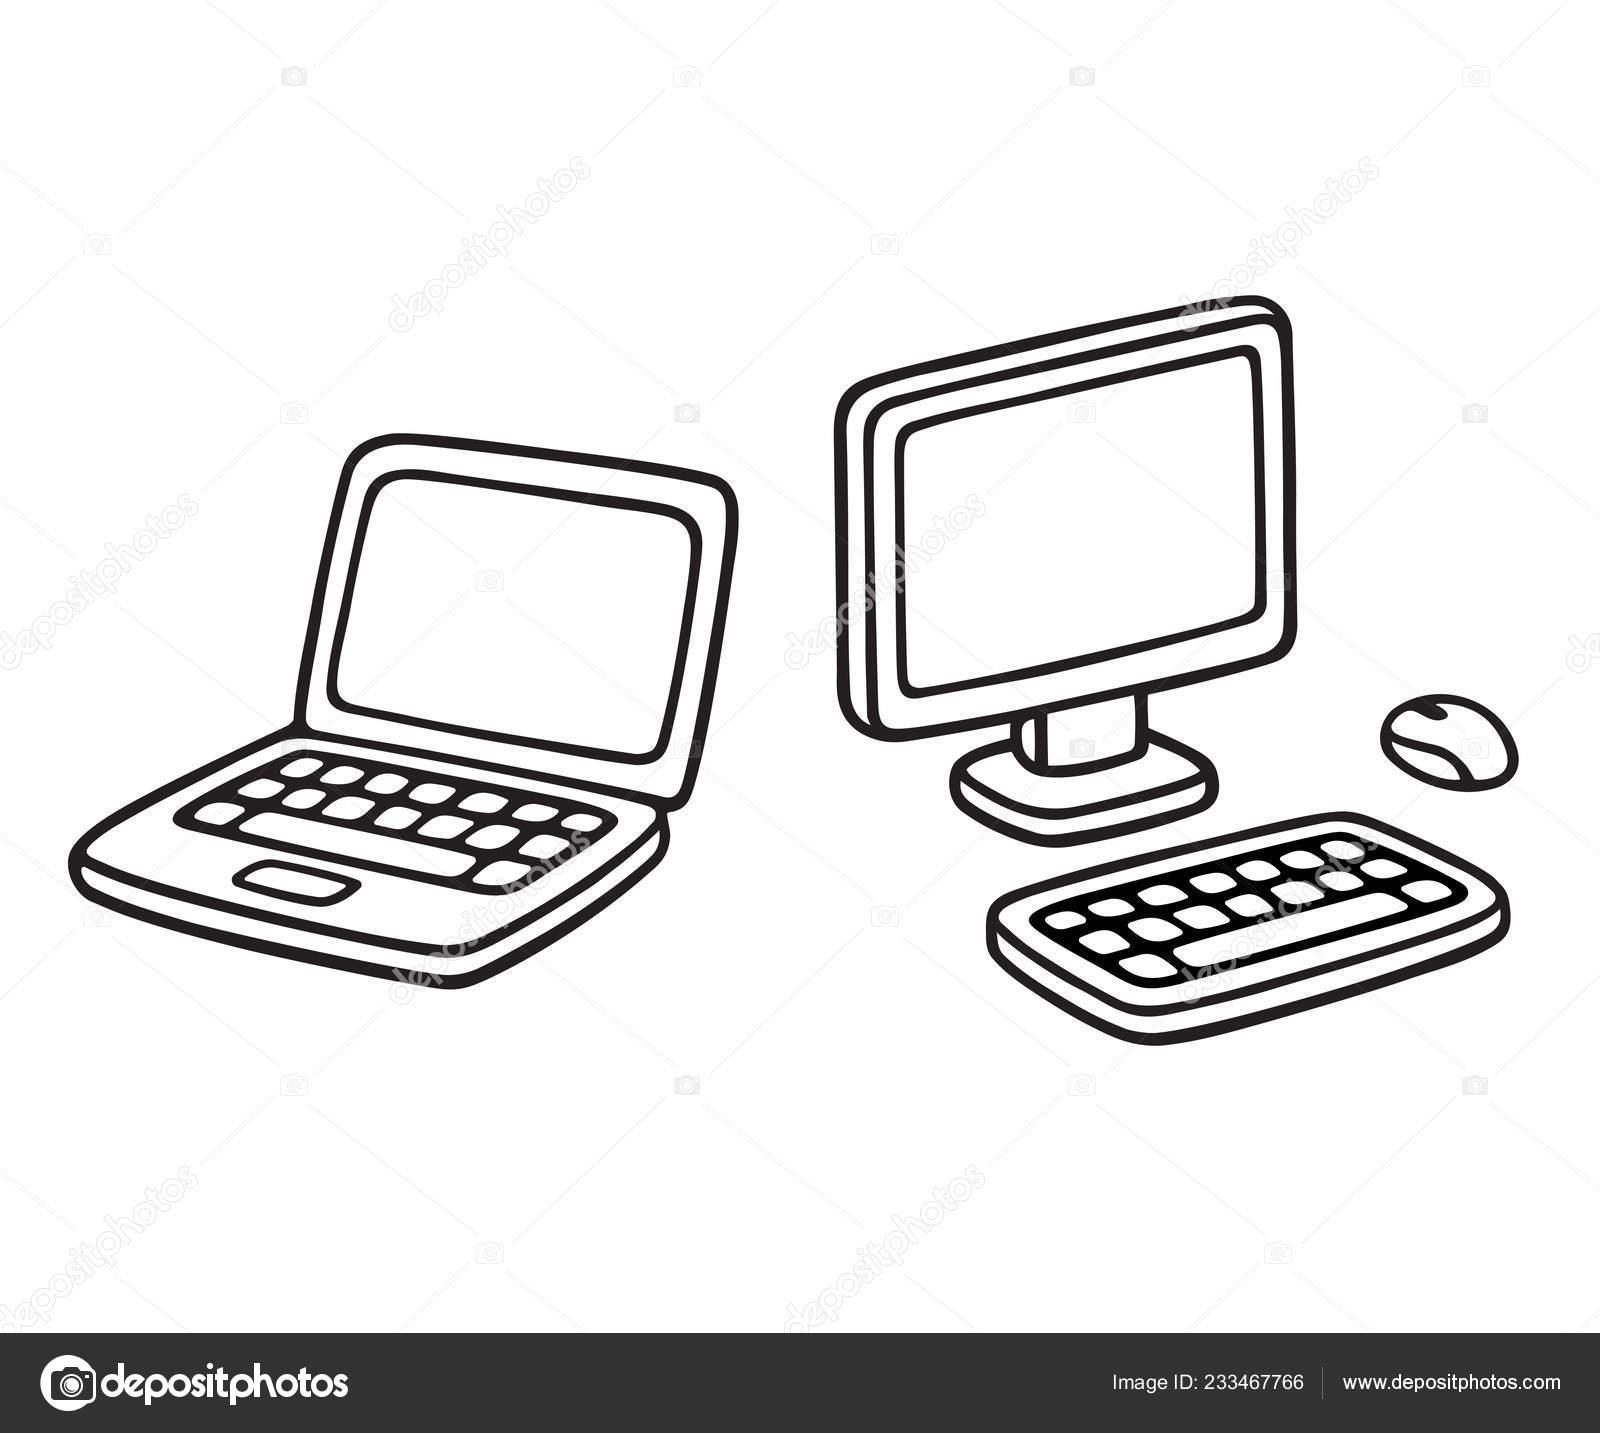 Line Drawing Of Desktop Computer